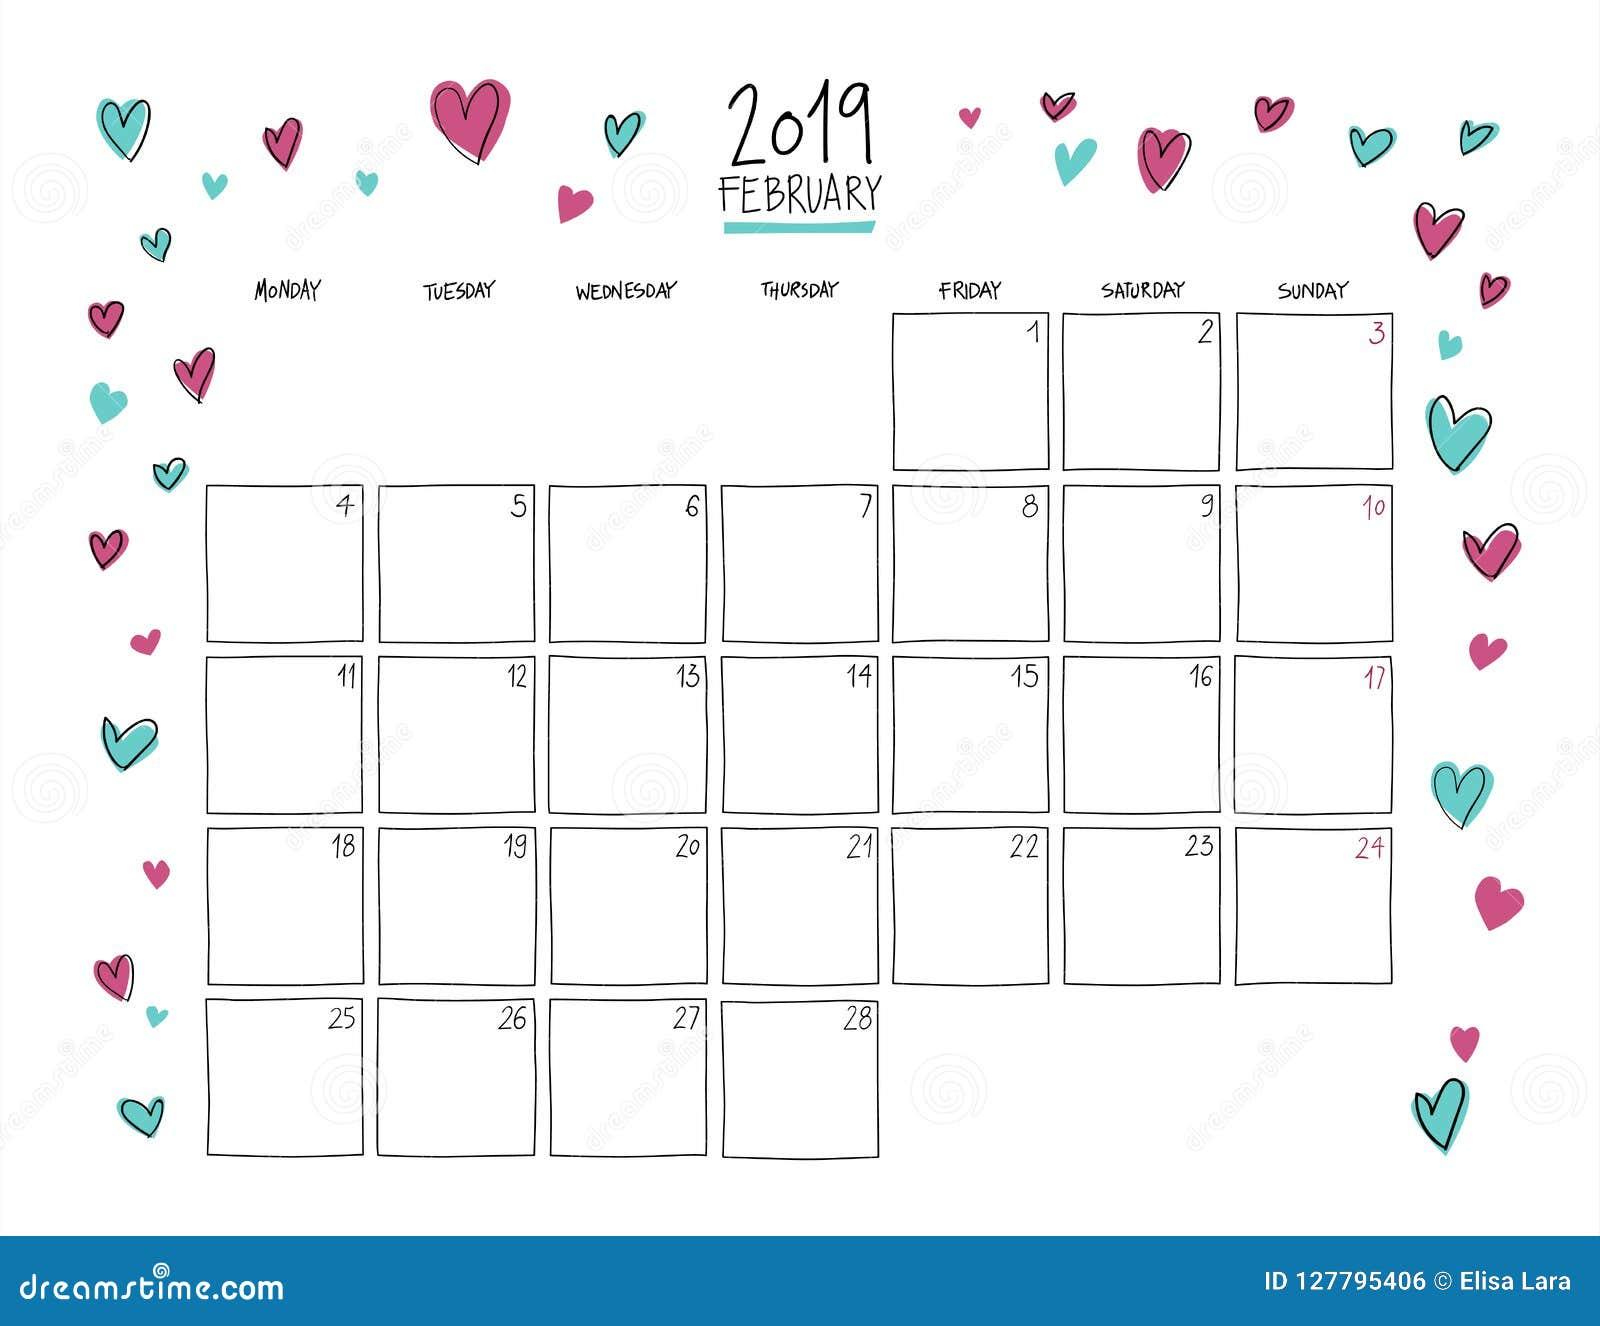 Febrero 2019 Calendario.En Febrero De 2019 Calendario De Pared Doodle El Estilo Ilustracion